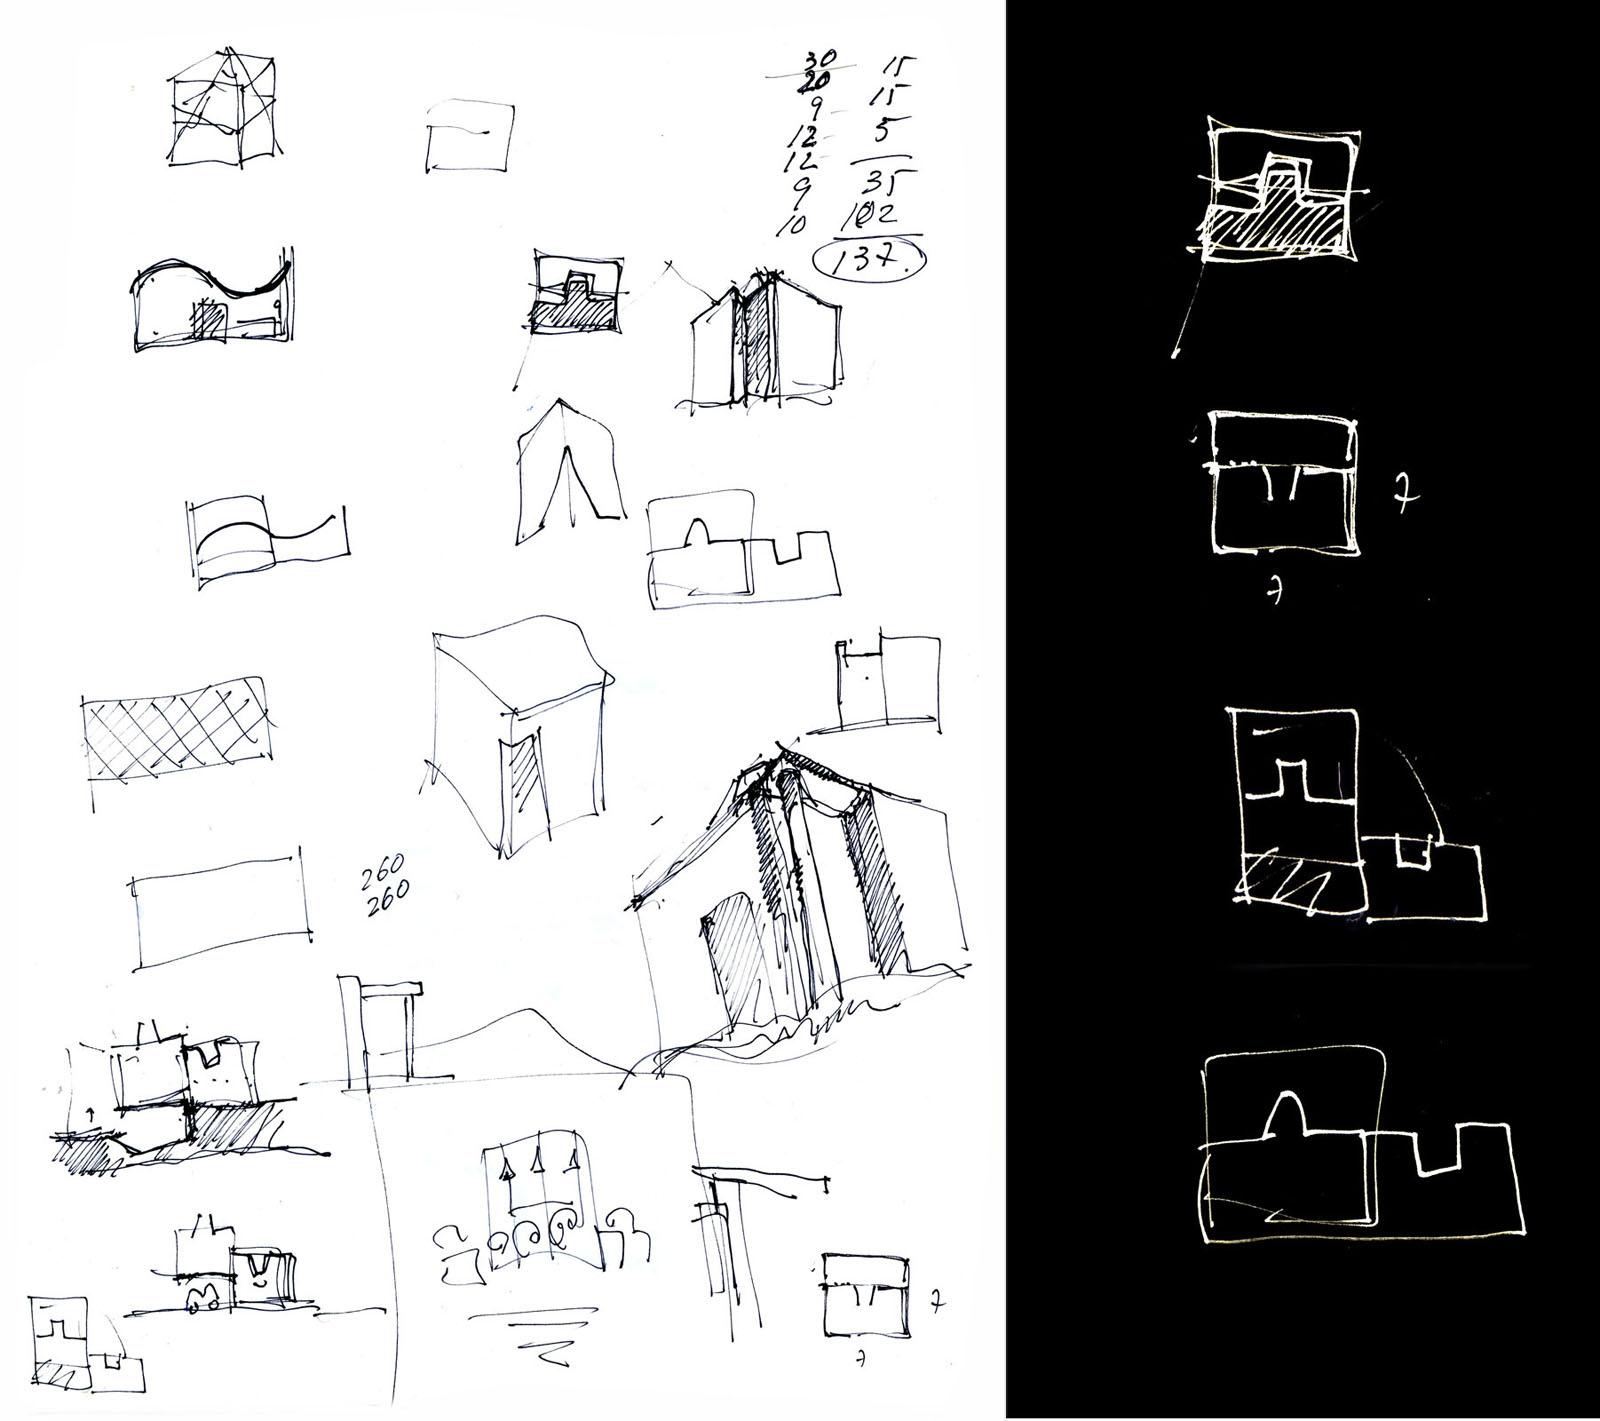 danielvillalobos-spanish-architecturexxthcentury-stonearchitecture-spanisharchitecturemodern-1